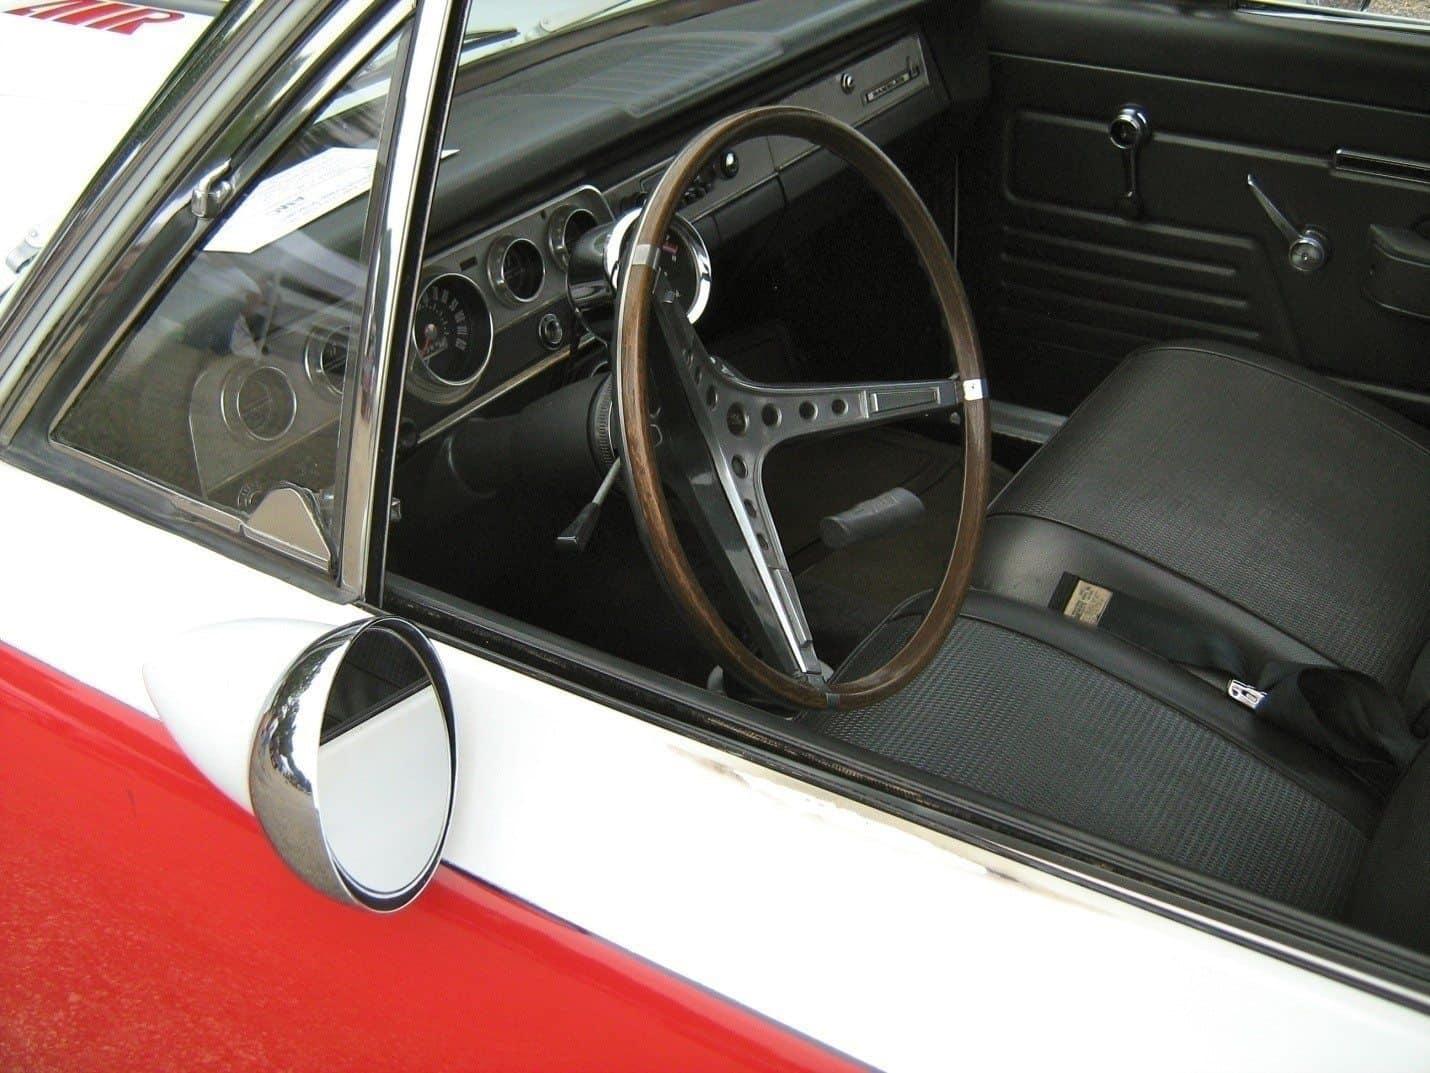 Jak čistit a chránit gumové těsnění oken automobilu silikonovým mazivem